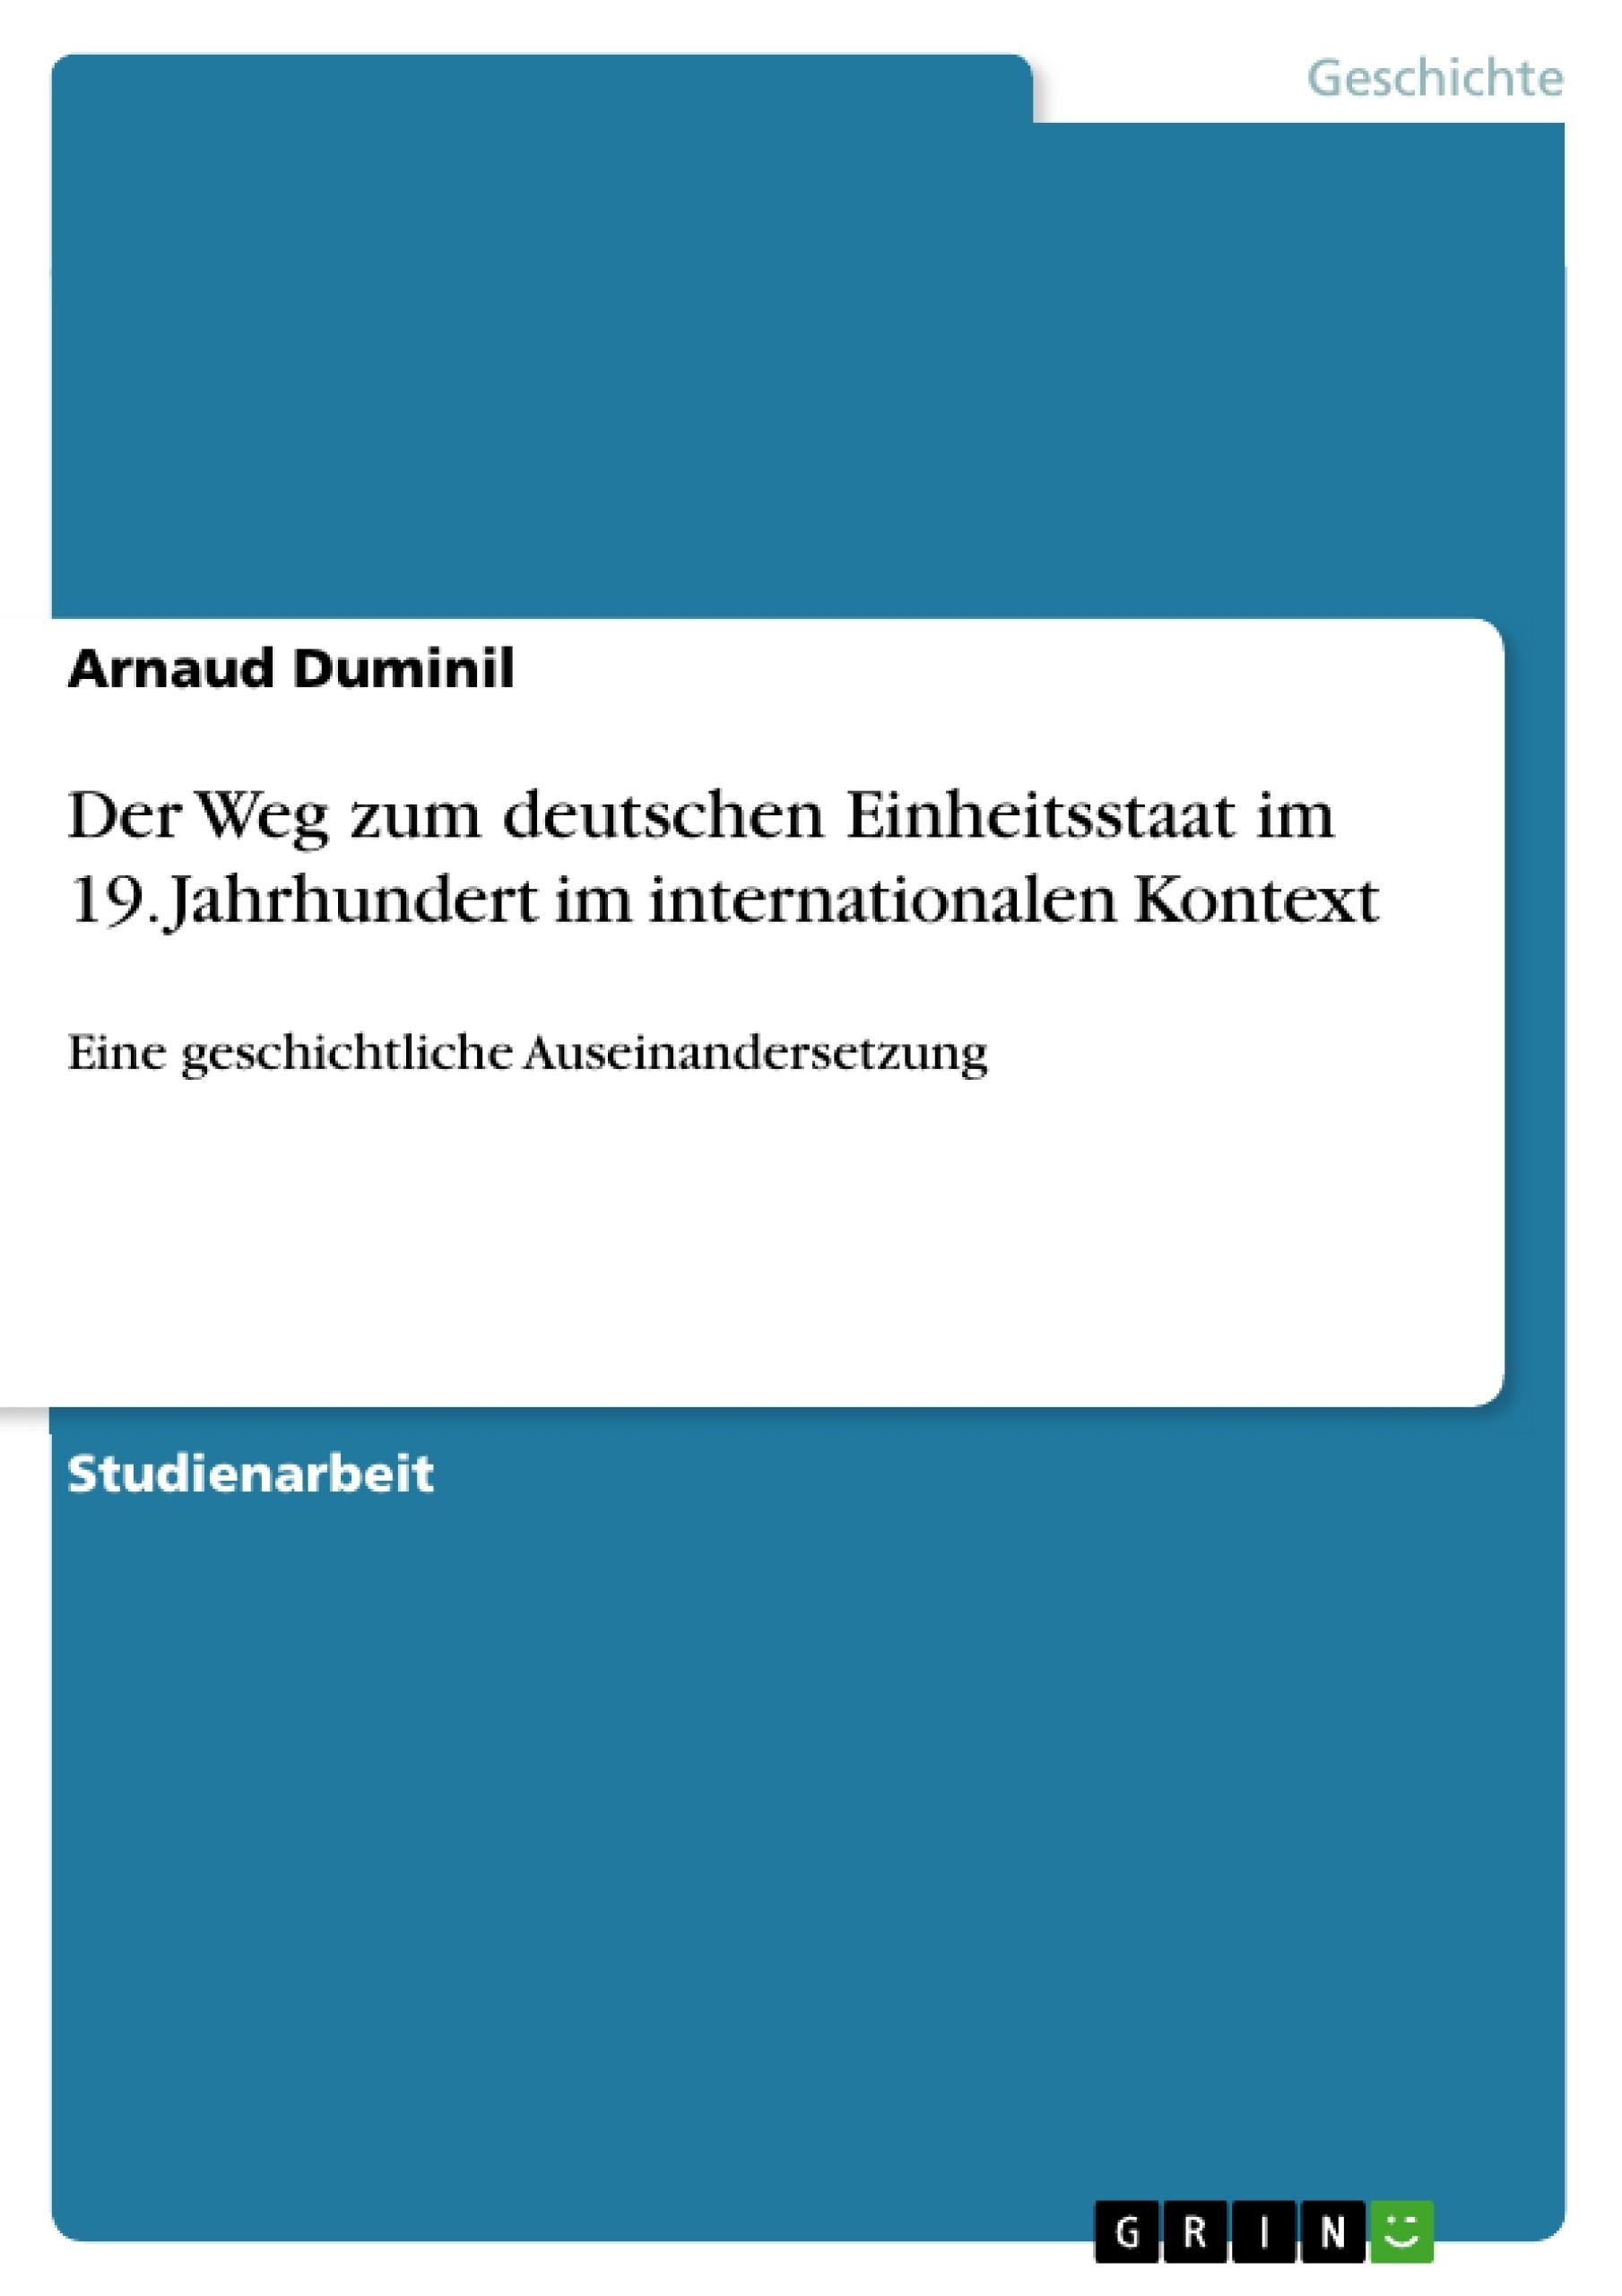 Titel: Der Weg zum deutschen Einheitsstaat im 19. Jahrhundert im internationalen Kontext